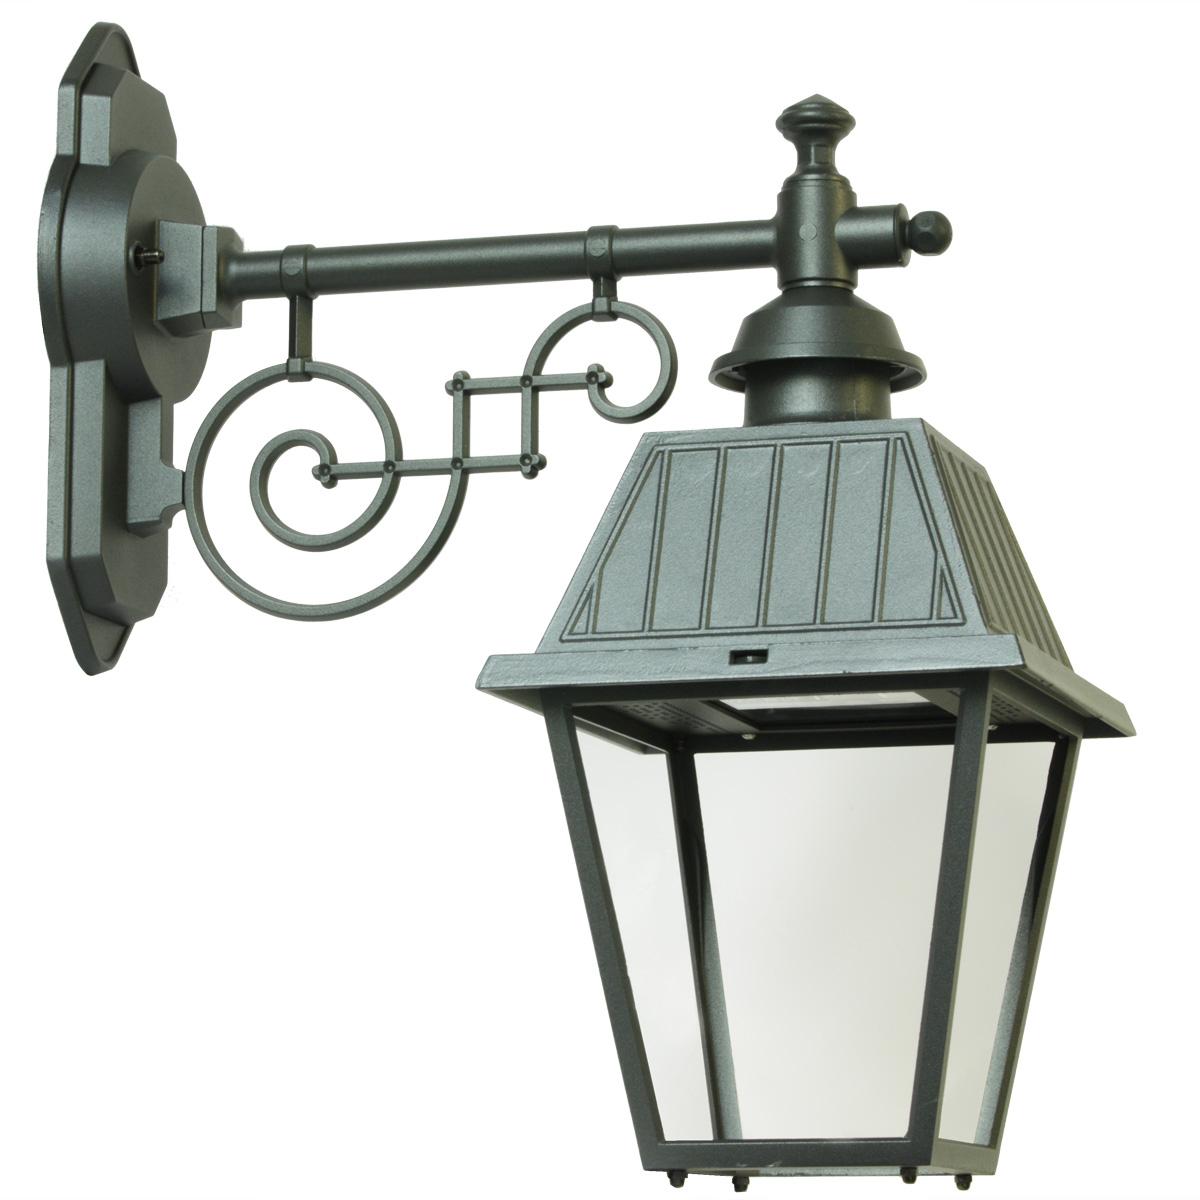 Dimmbare LED-Wandleuchte für außen aus Aluguss